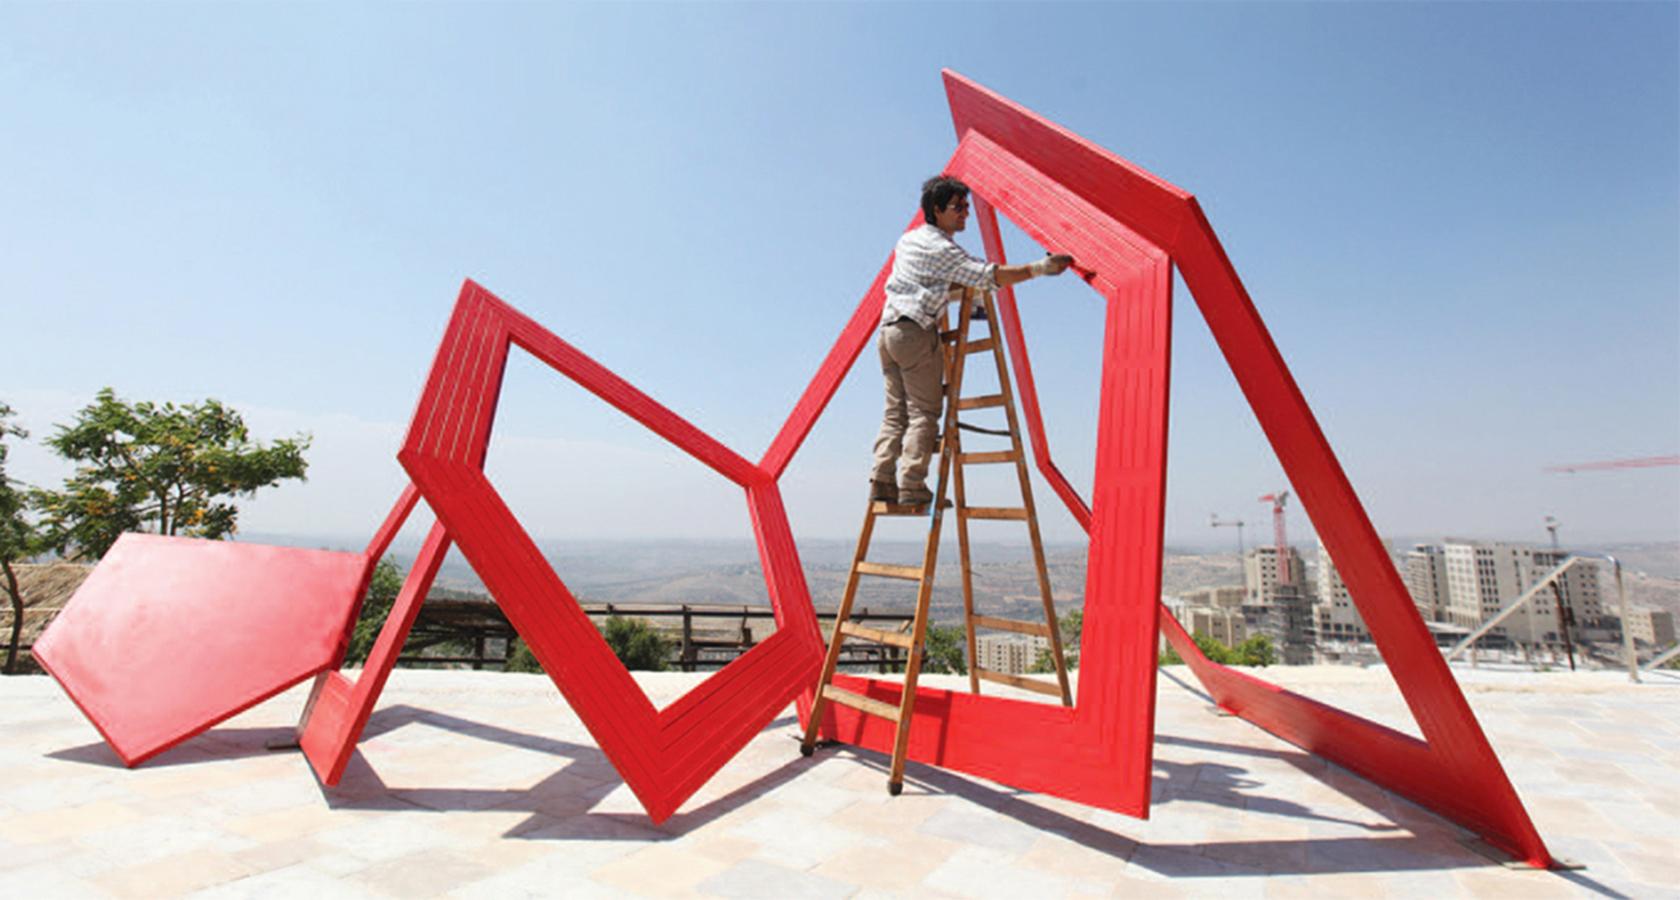 Thierry Ferreira, Sculpture,  Rawabi, Palestine, 2014